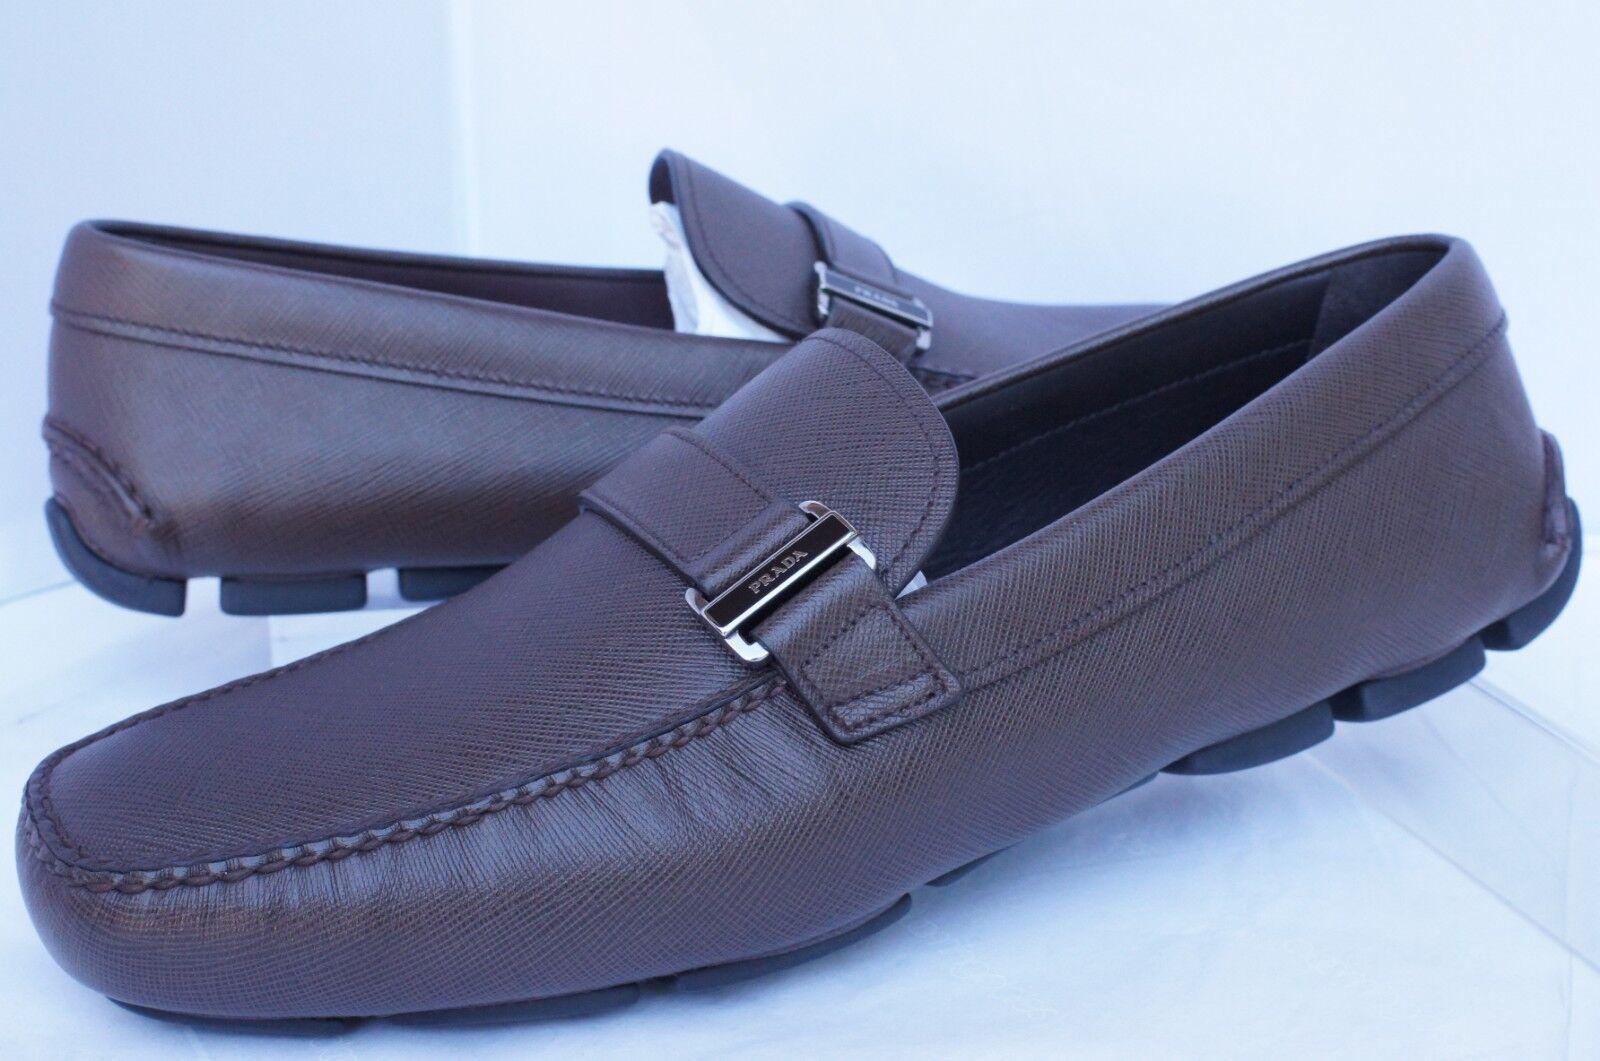 Nouveau Prada Chaussures Hommes Mocassins Pilotes Marron Taille 10.5 Calzature hommes vente Cadeau